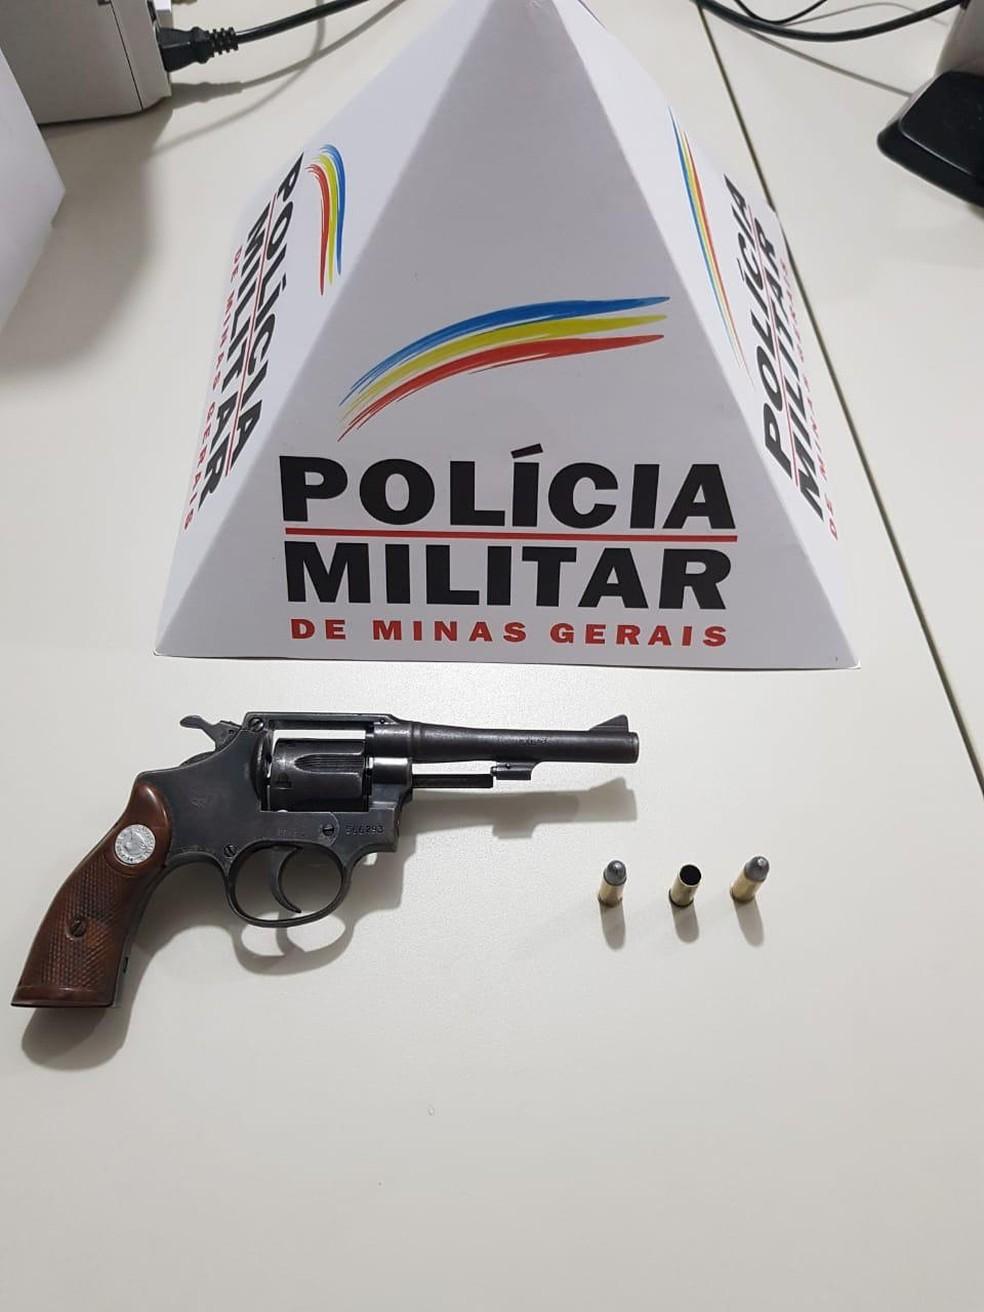 Polícia apreendeu uma arma na casa da vítima — Foto: Polícia Militar/ Divulgação